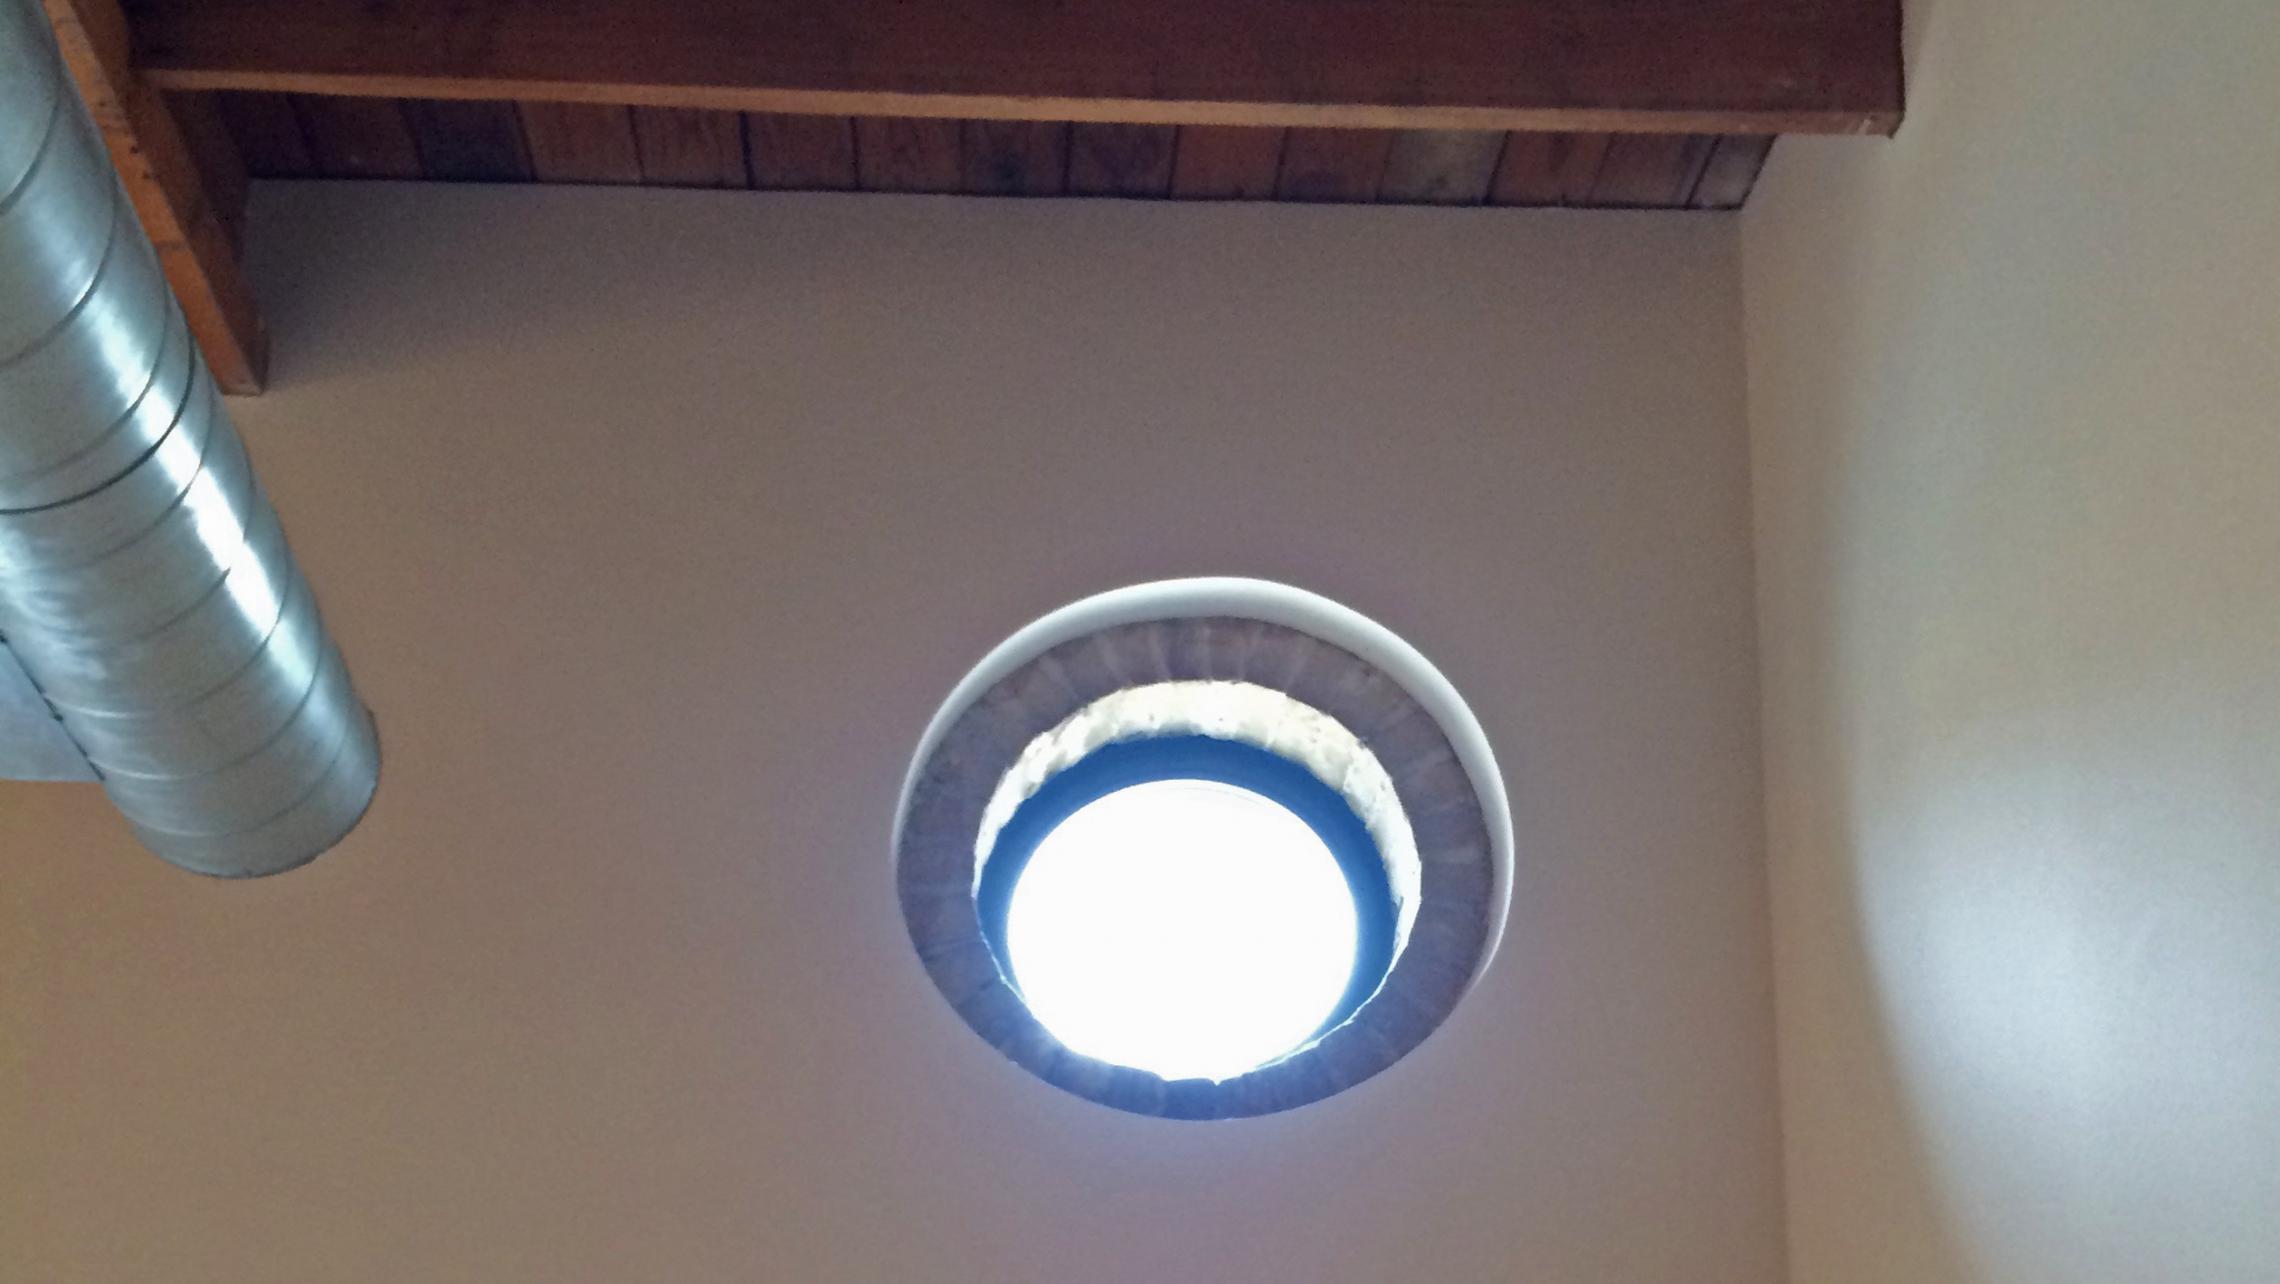 ULI Tobacco Lofts - W211 - Round Window